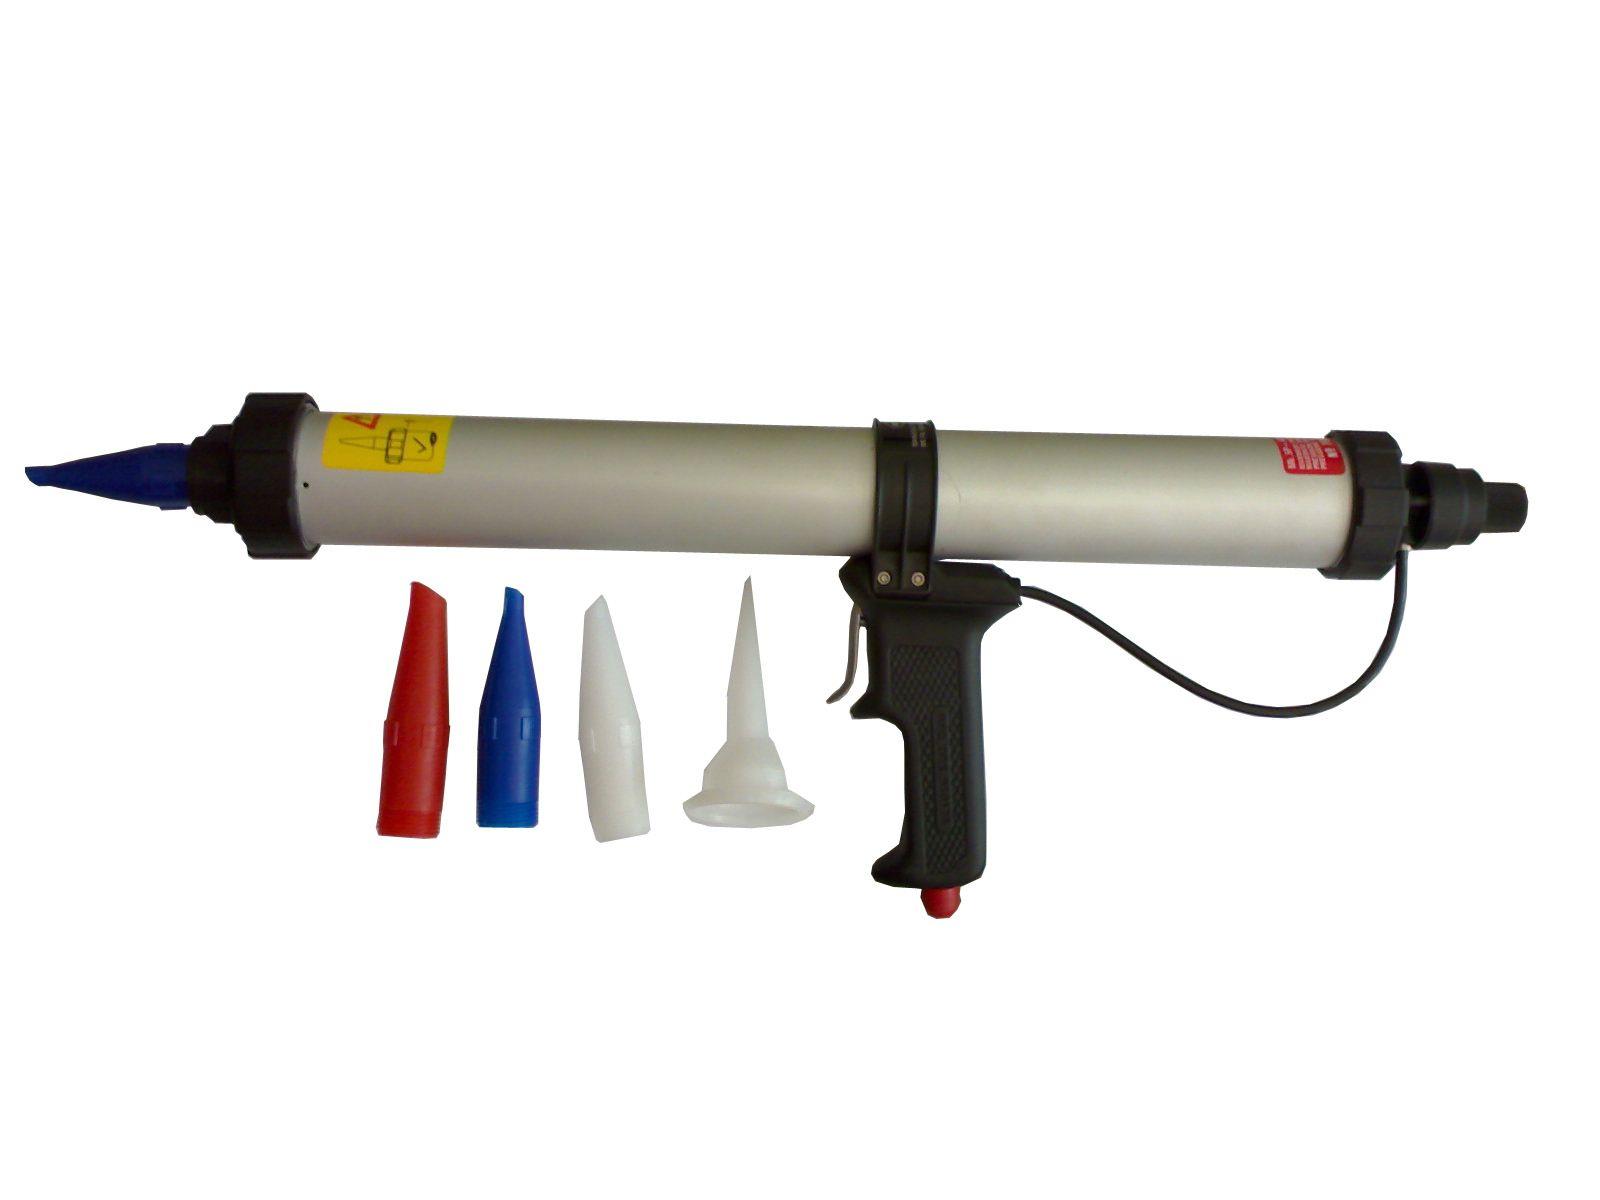 气动玻璃胶枪、气动软胶枪图片: www.jd37.com/sell/ViewPic.asp?id=202532